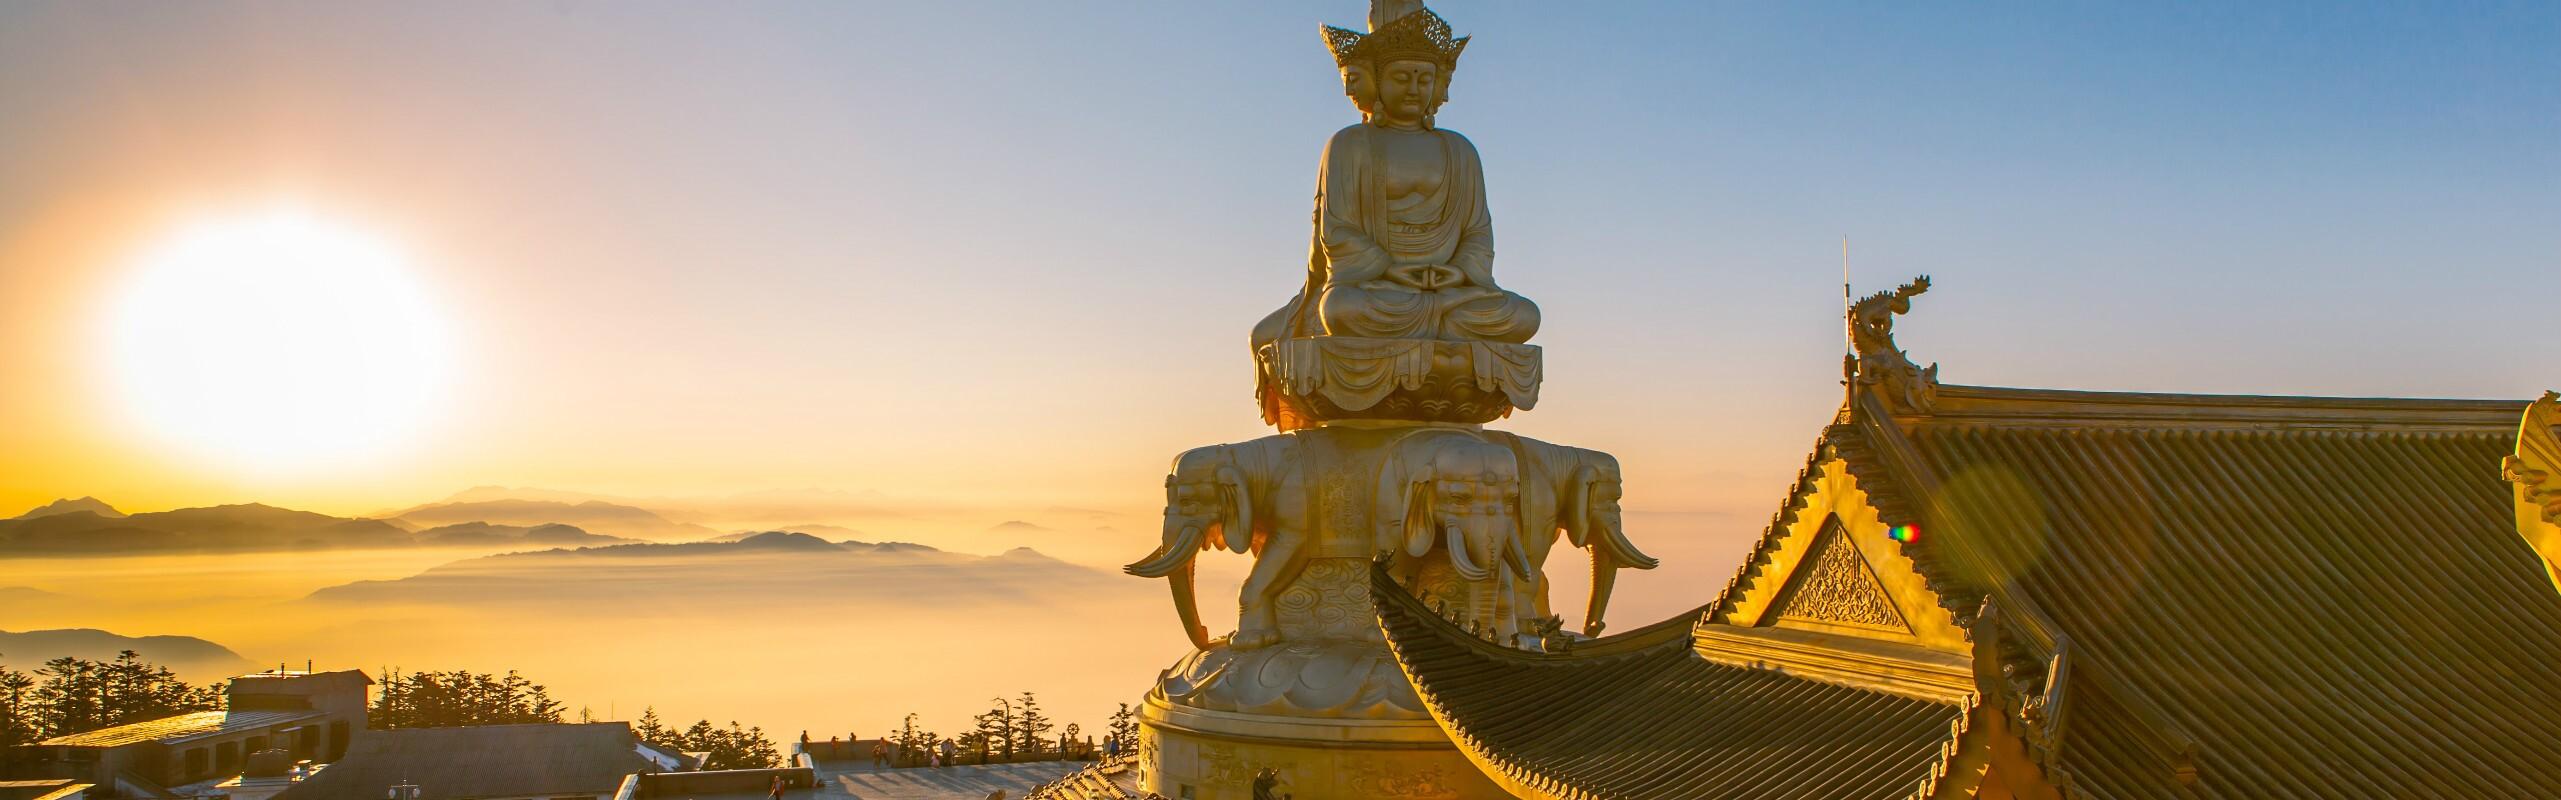 5 Days Chengdu and Its UNESCO Neighbors